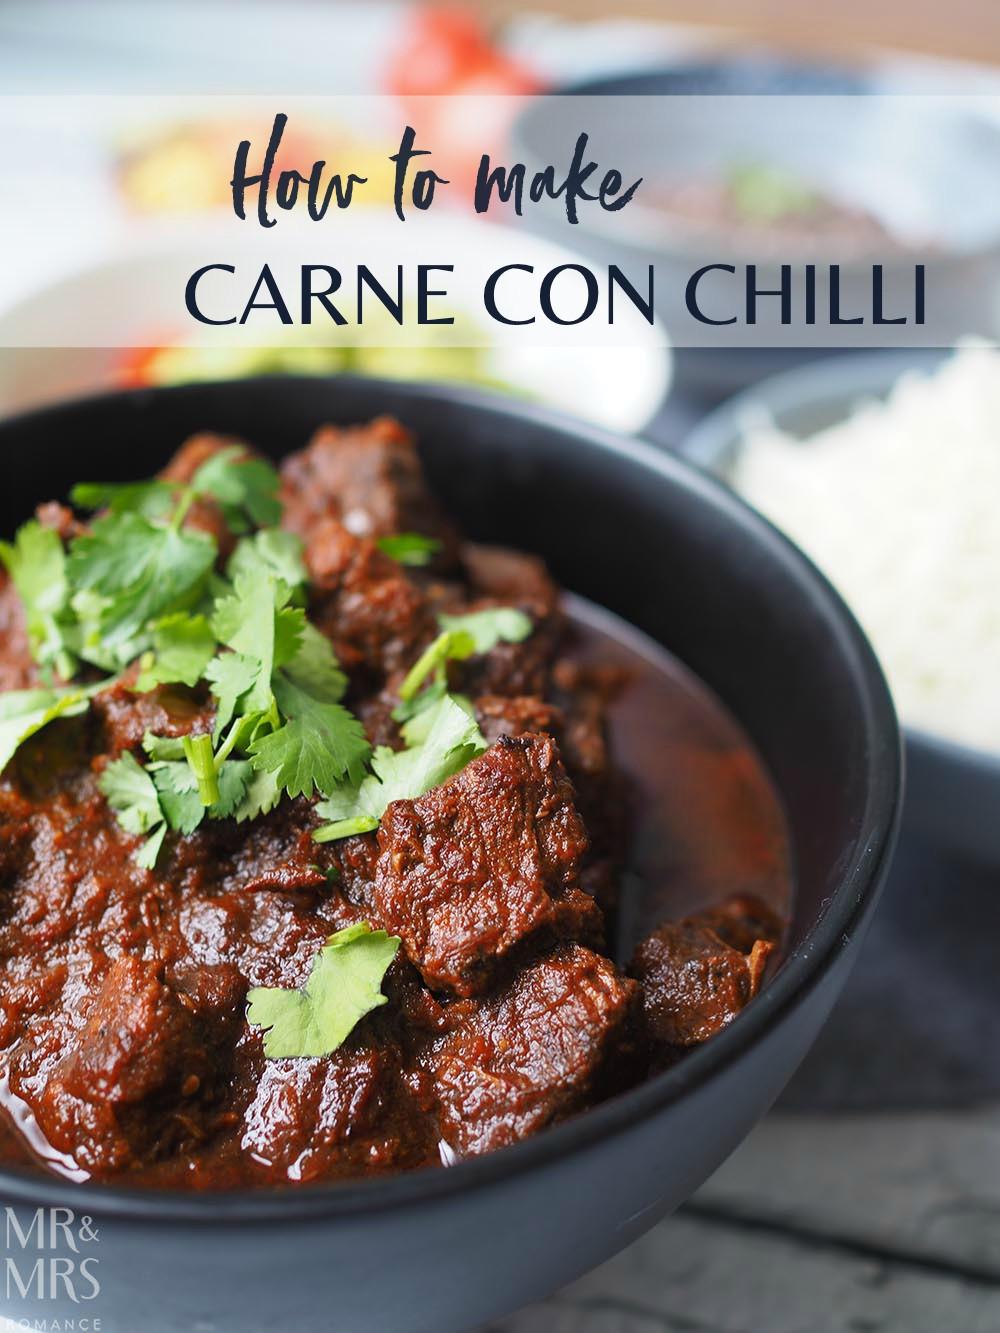 Carne con chilli recipe - Rick Stein Mexican food